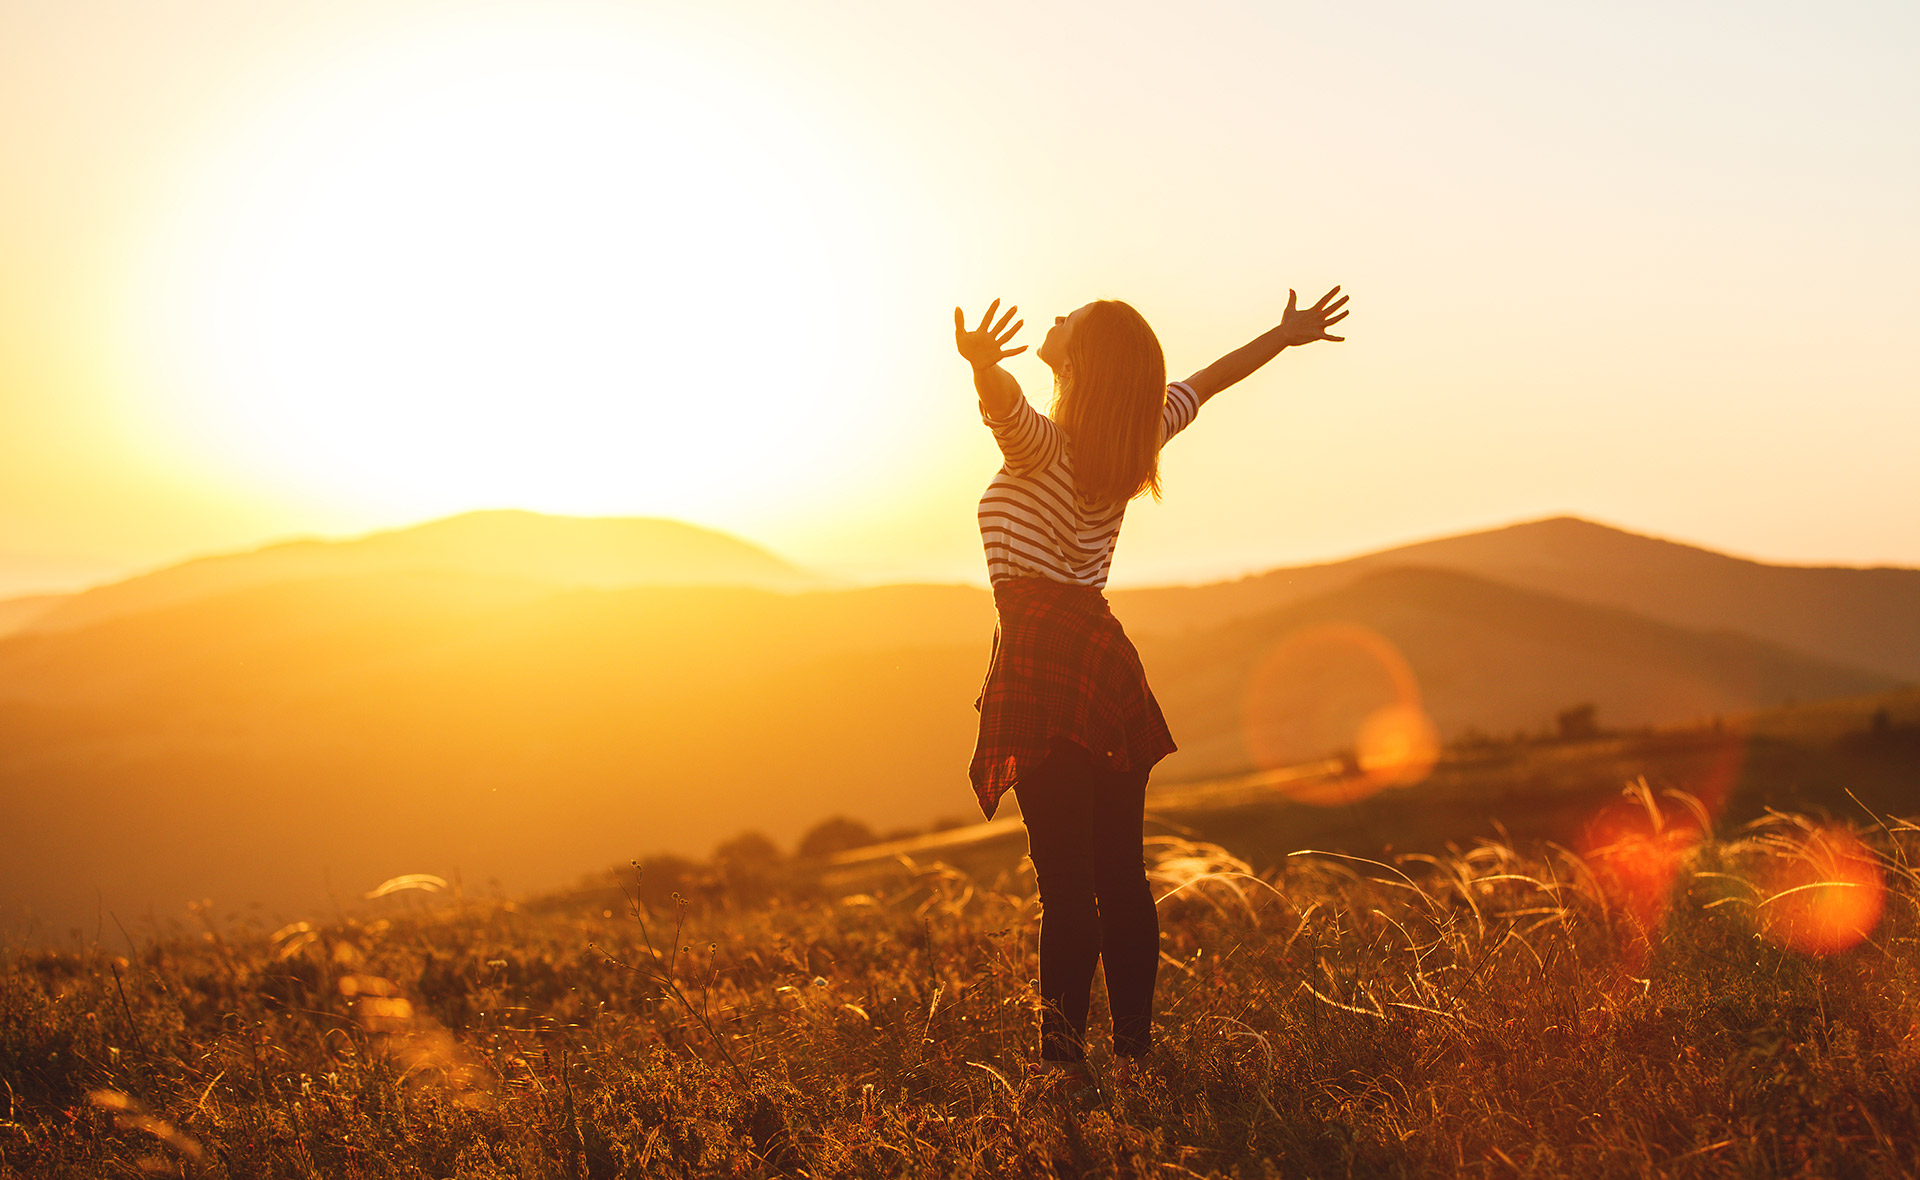 En que consiste la verdadera felicidad